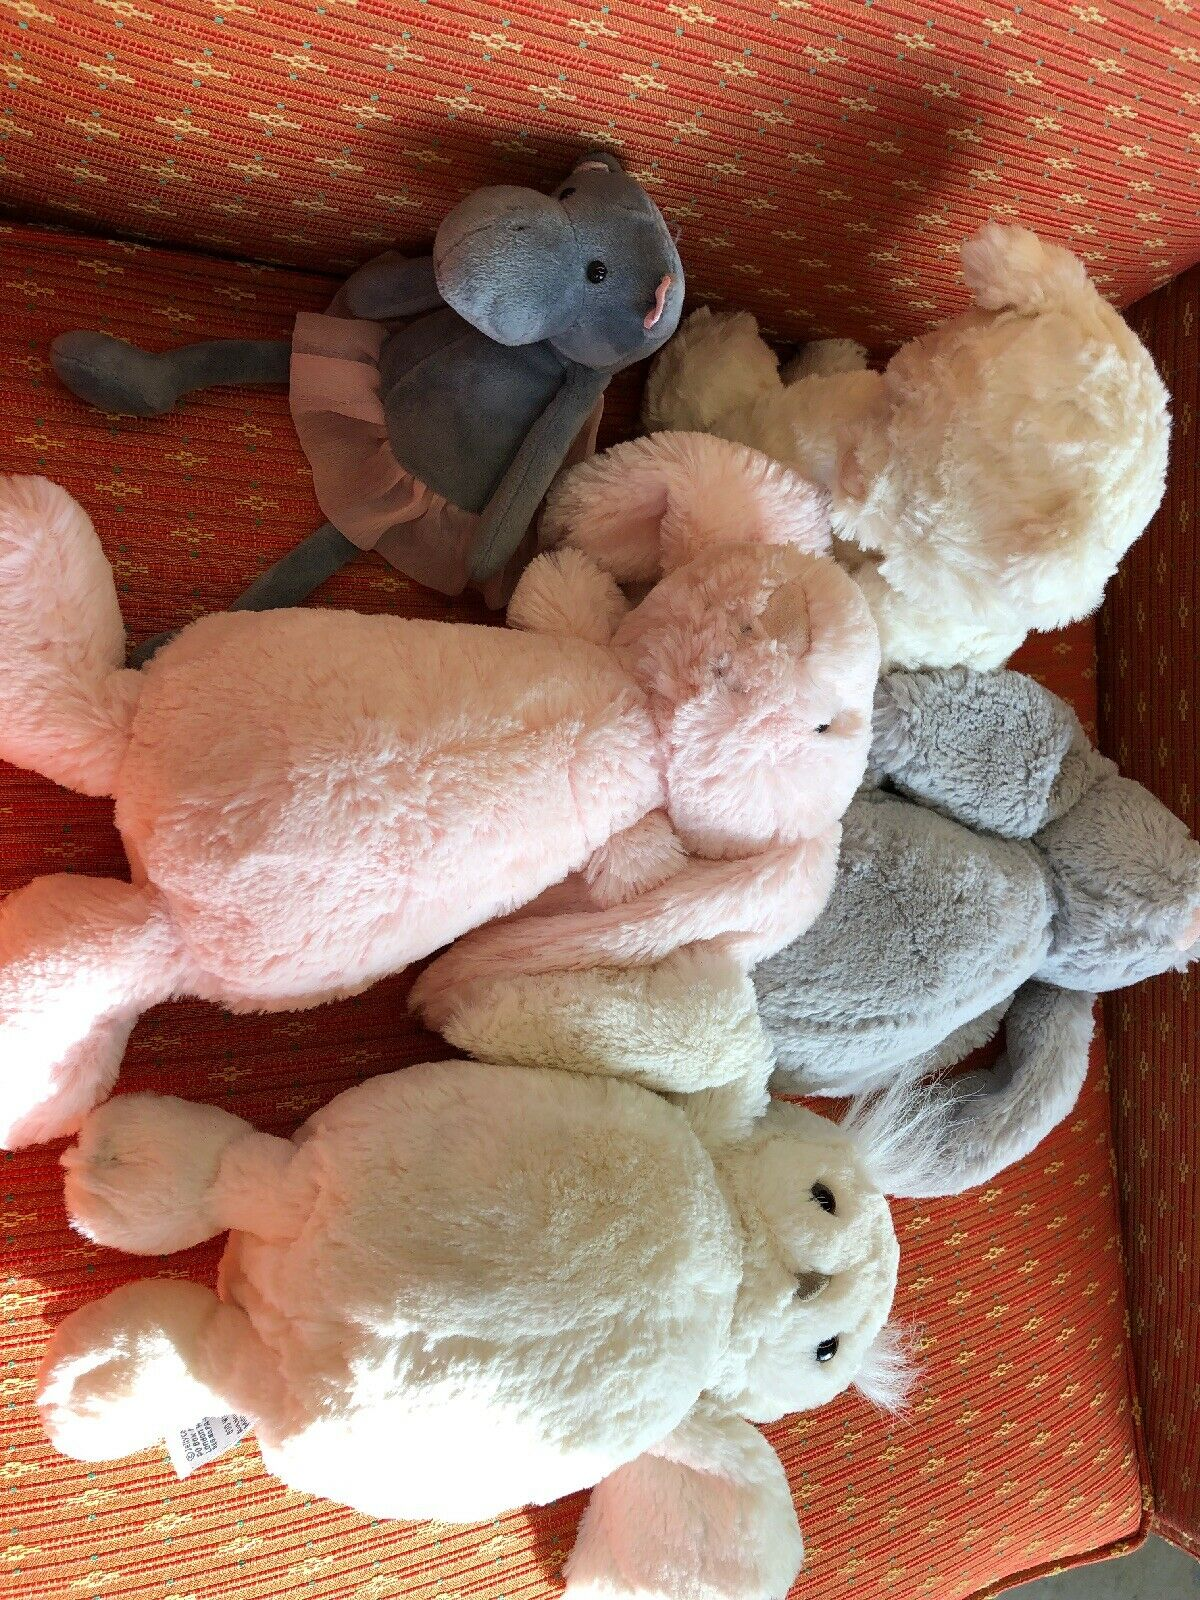 Gato gelatinoso, quinta zona forestal peluda, tímido conejo mantequilla búho, búho, hipopótamo.